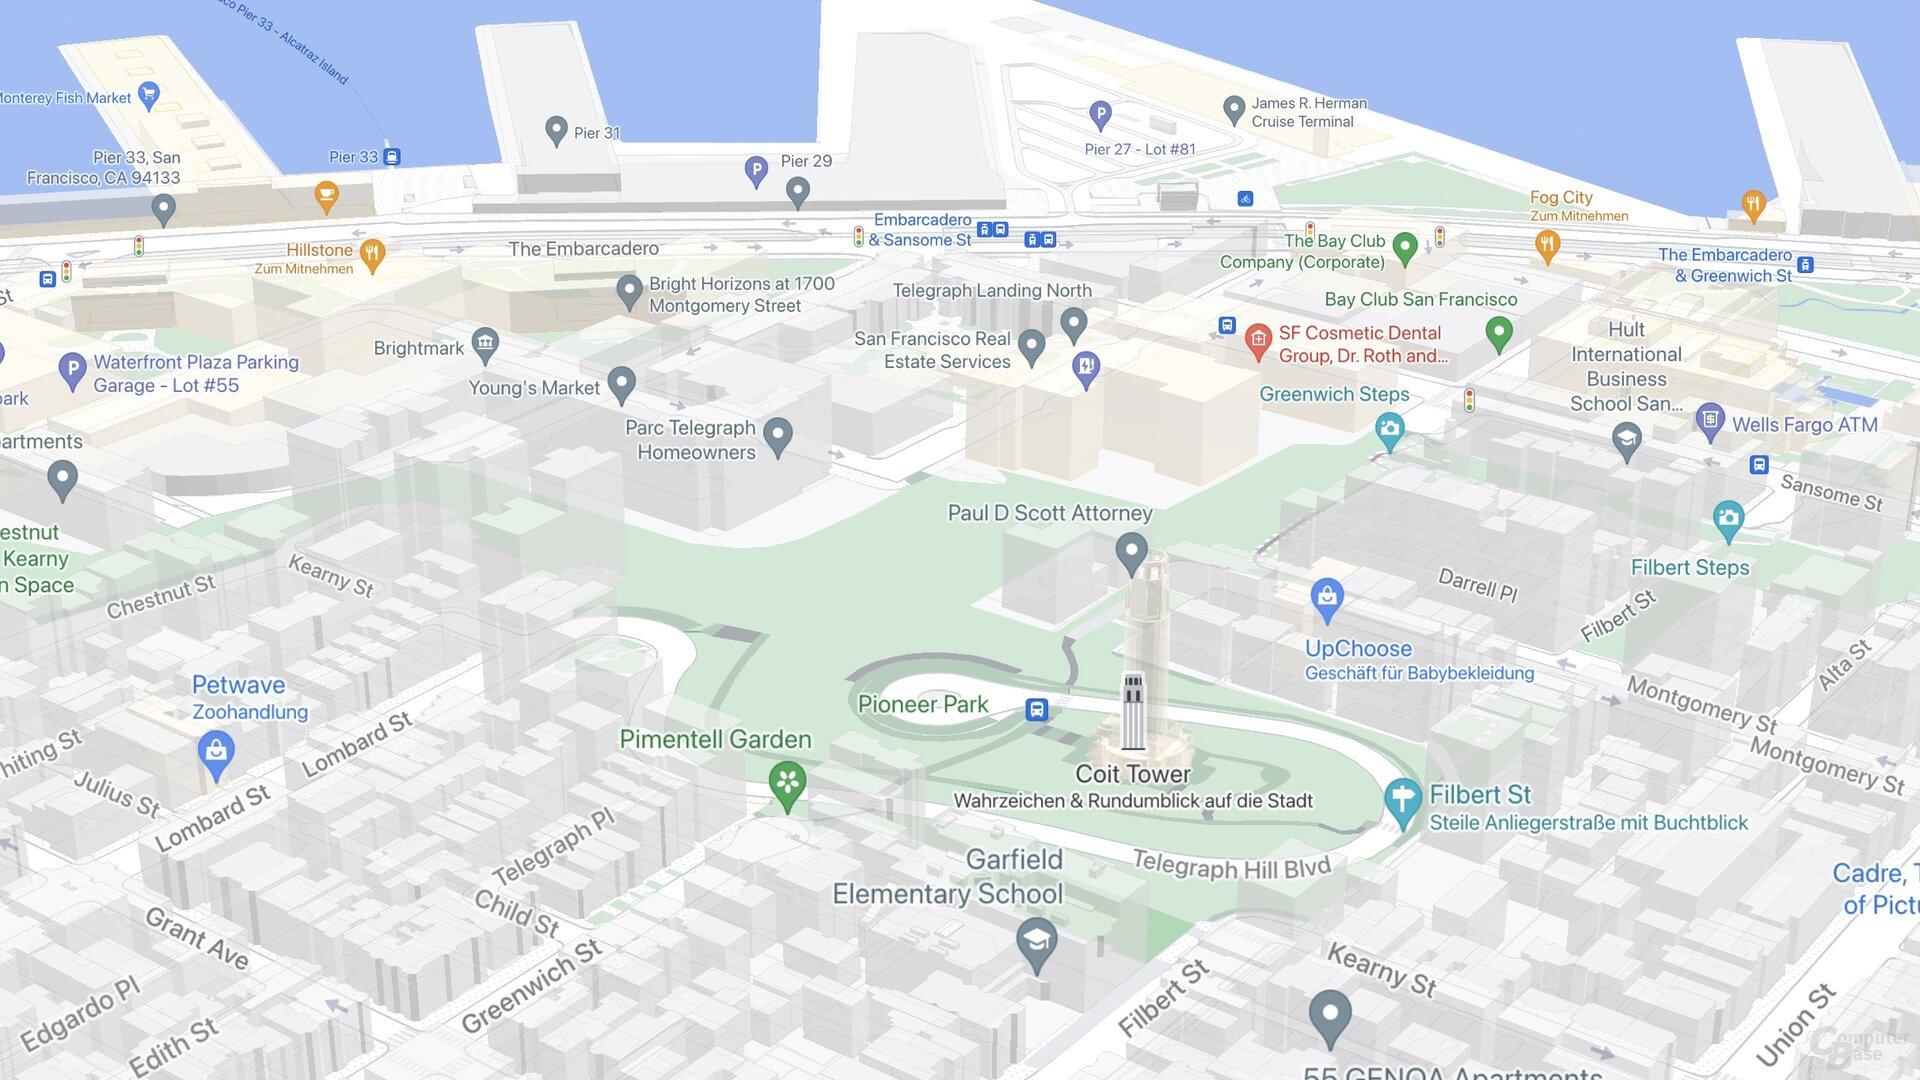 SF Telegraph Hill (Google Maps)